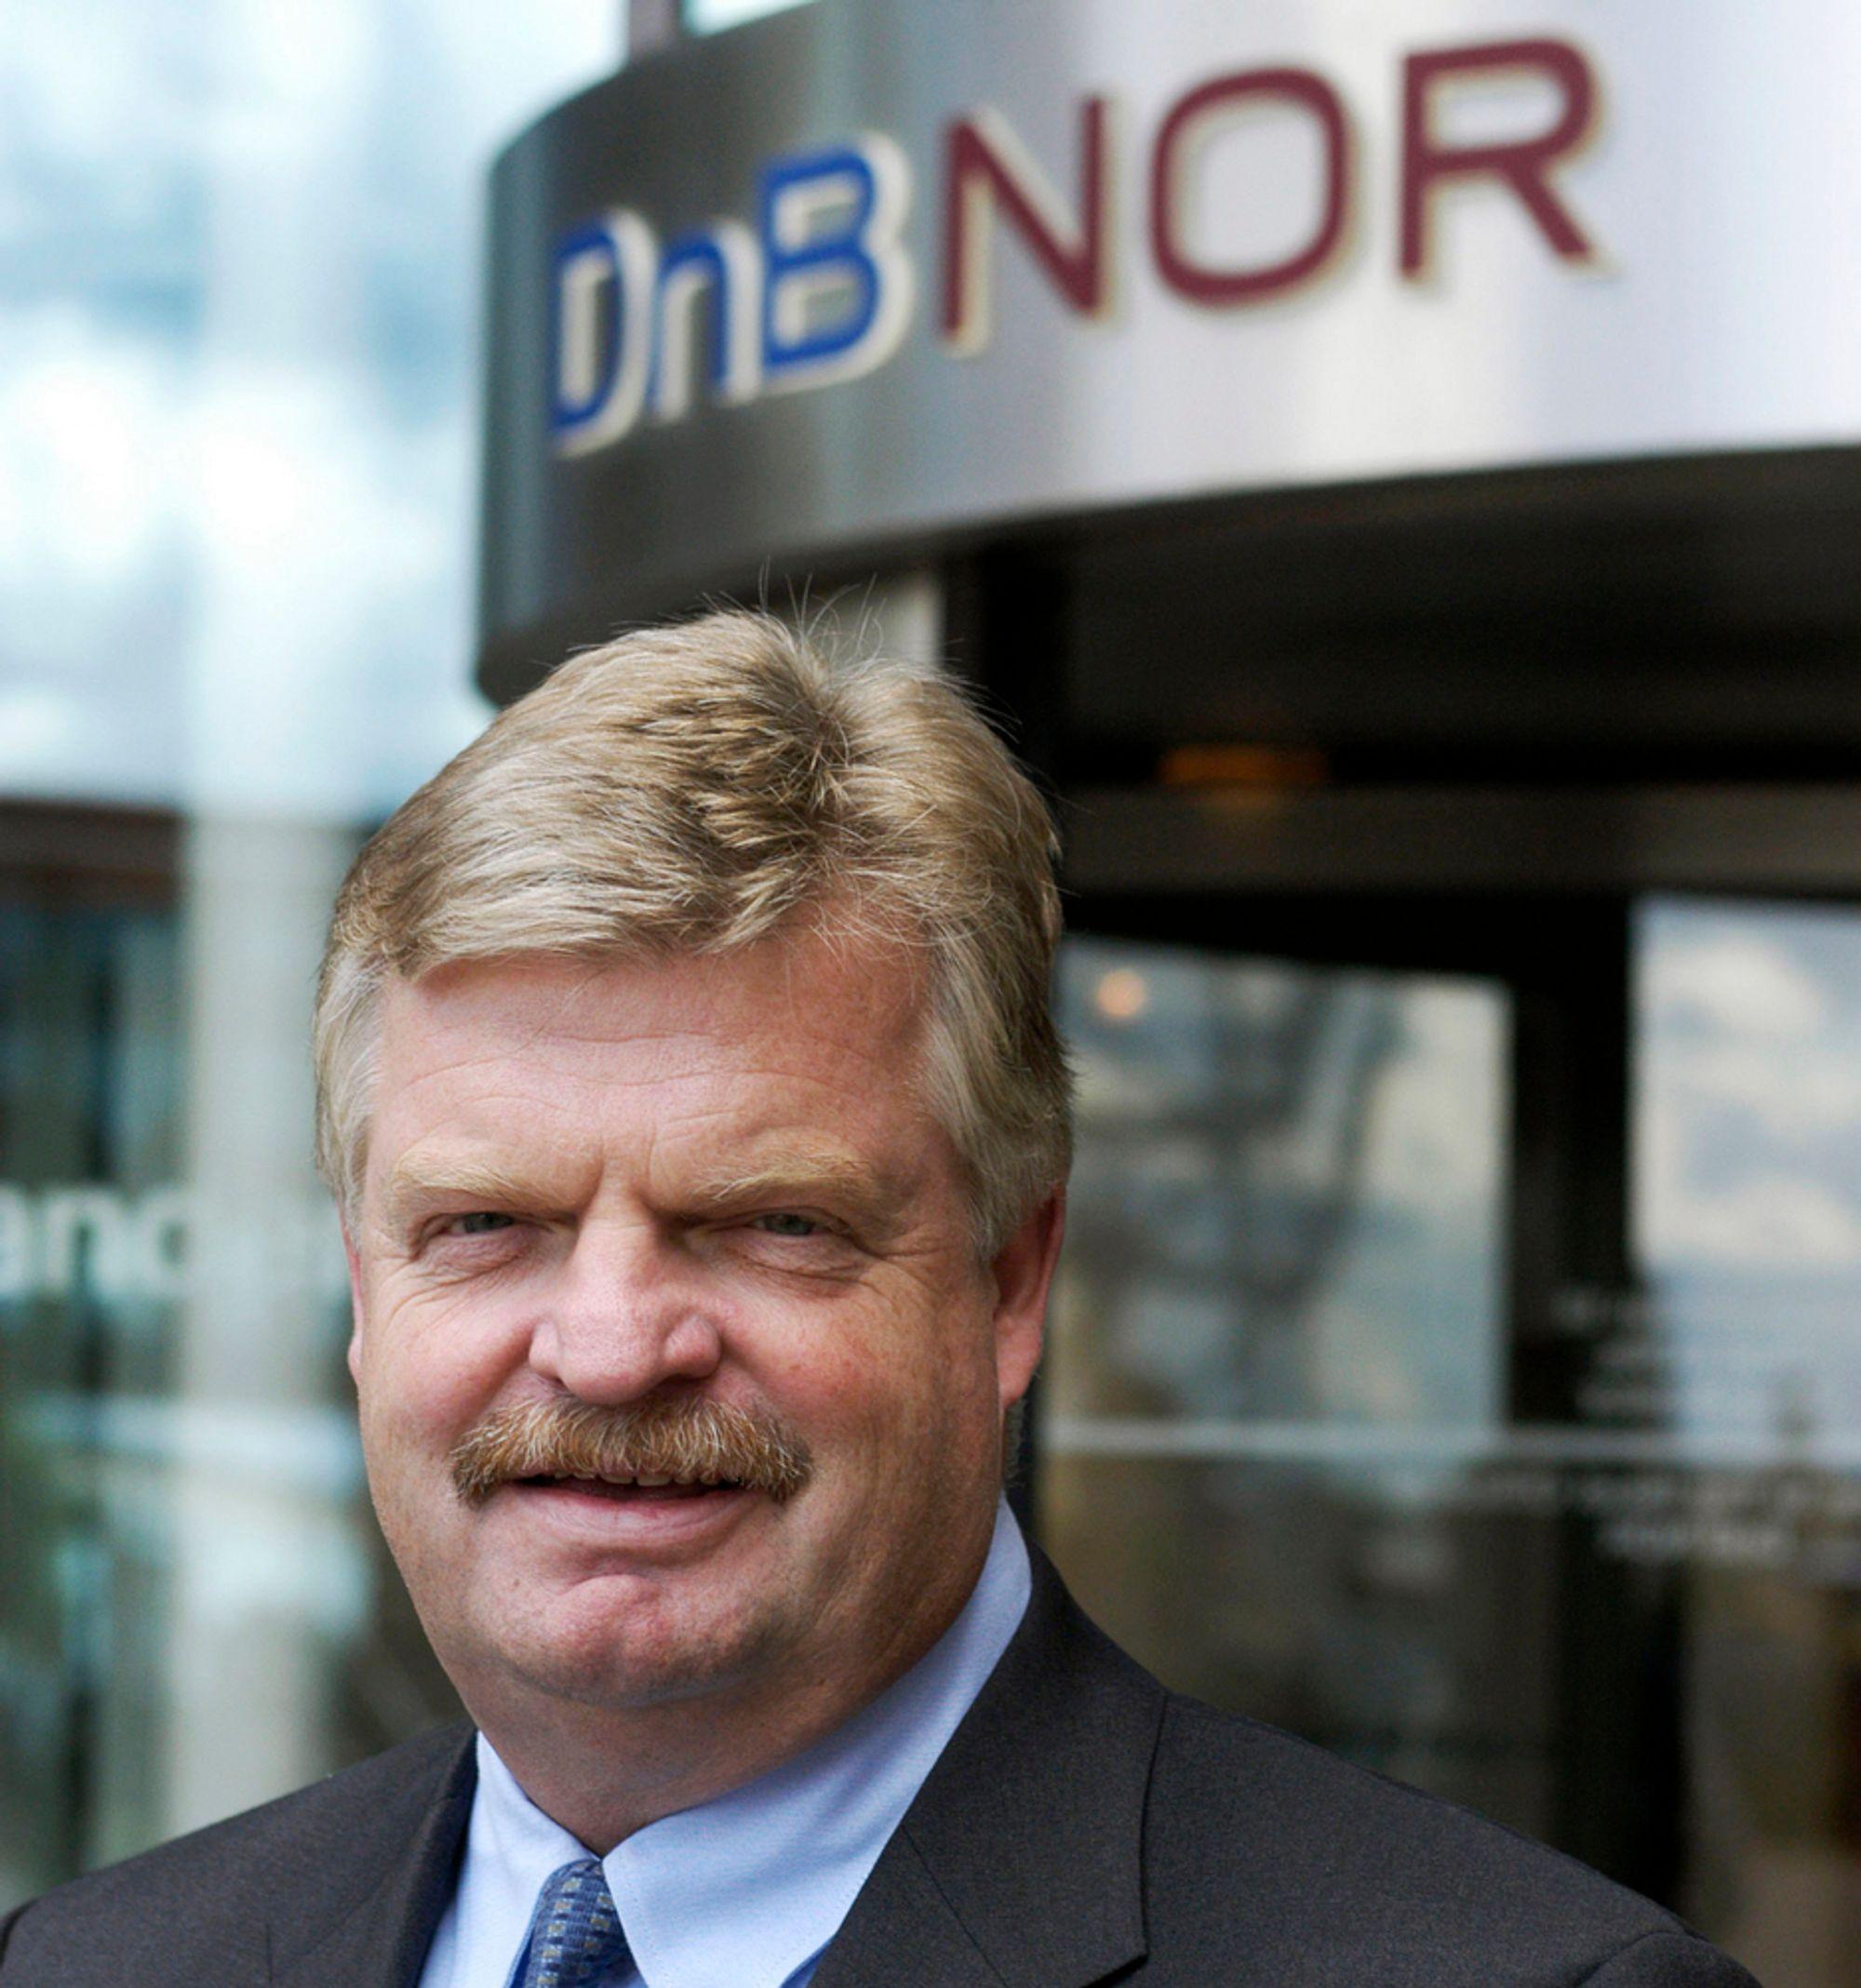 UNDERSØKER FORTSATT: Informasjonssjef Tore Dyrdahl i DnB NOR mangler fortsatt noen svar på hvorfor banken ble hardt rammet av et virusangrep.